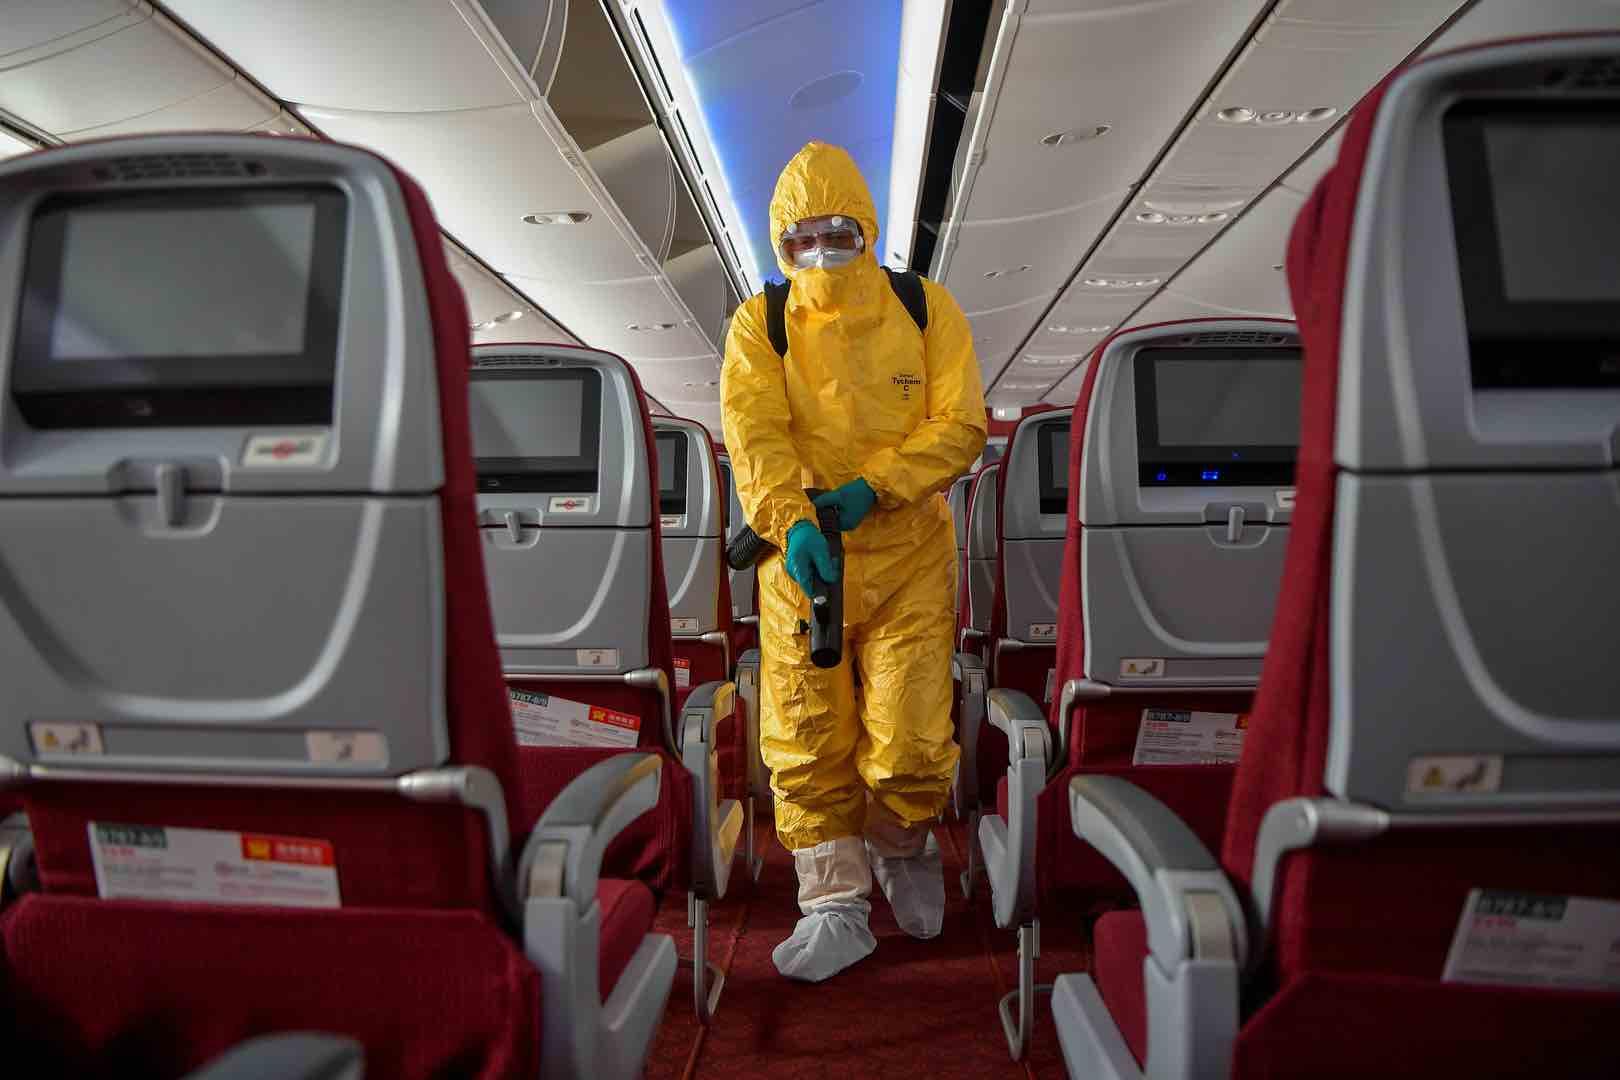 Перелеты по стране будут доступны без верхней одежды и в масках даже после снятия карантина